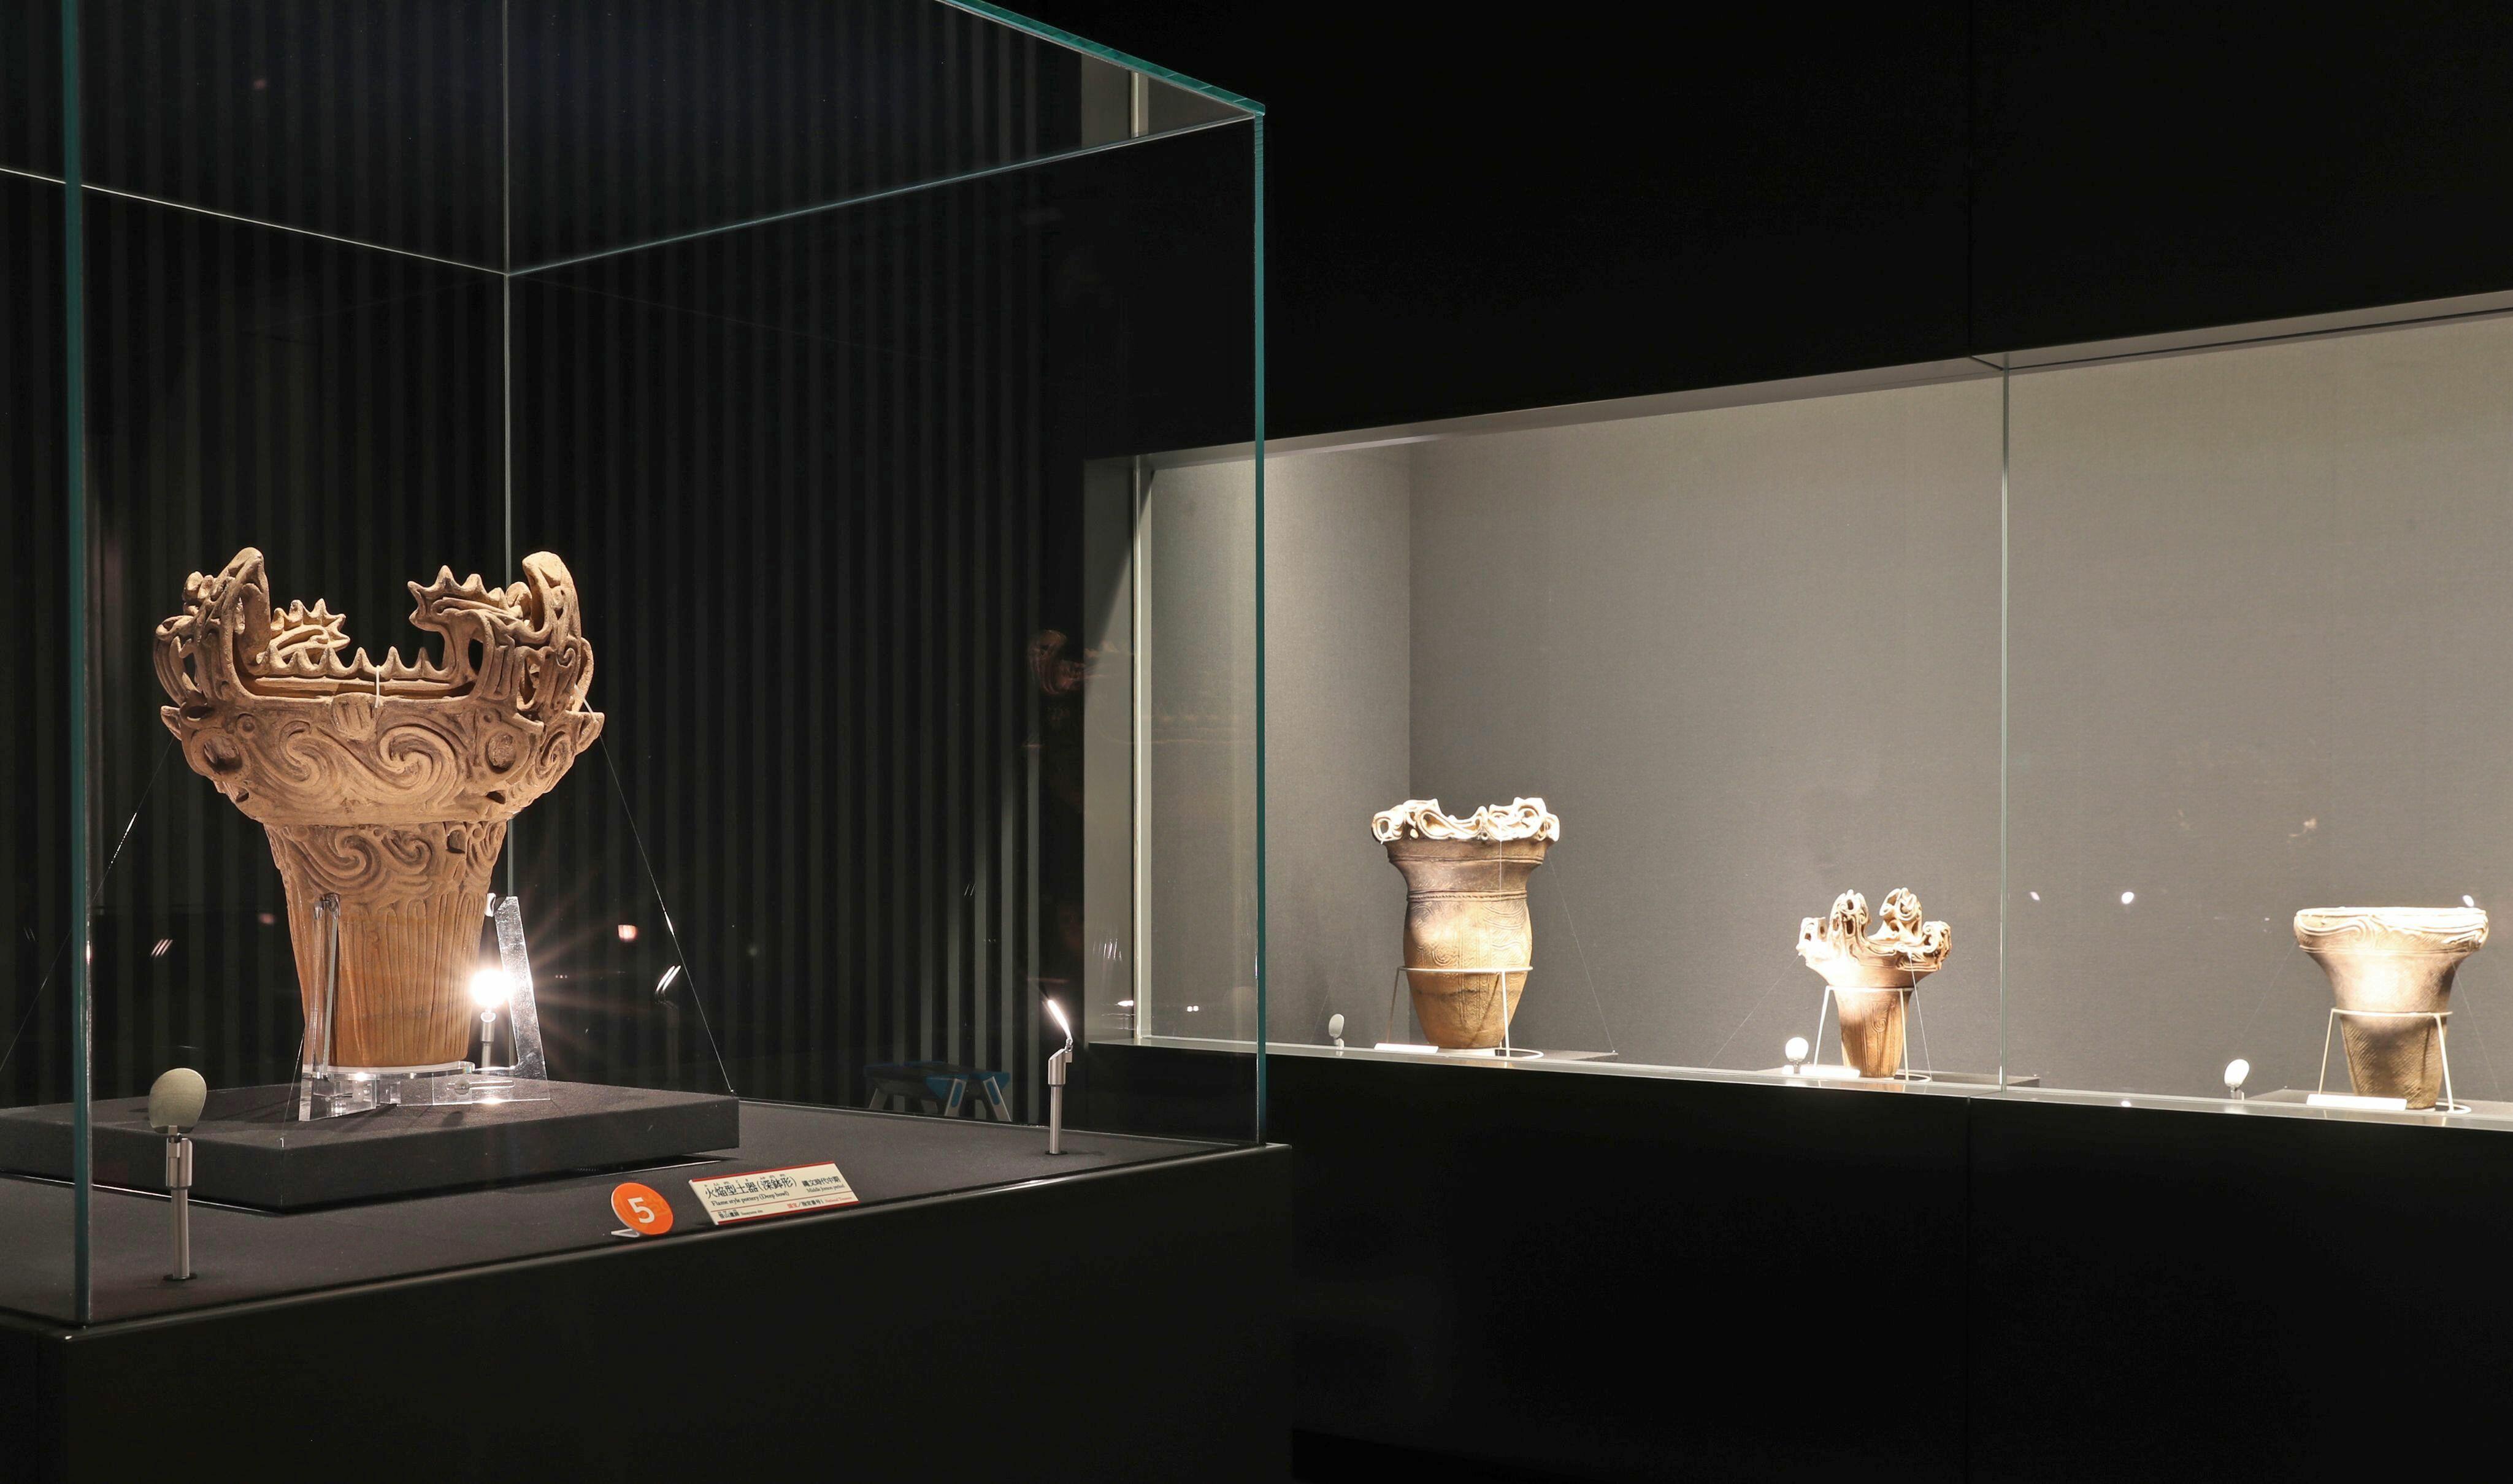 十日町市博物館の館内。「縄文時代」の展示室には、十日町市笹山遺跡から出土した国宝の土器が並ぶ